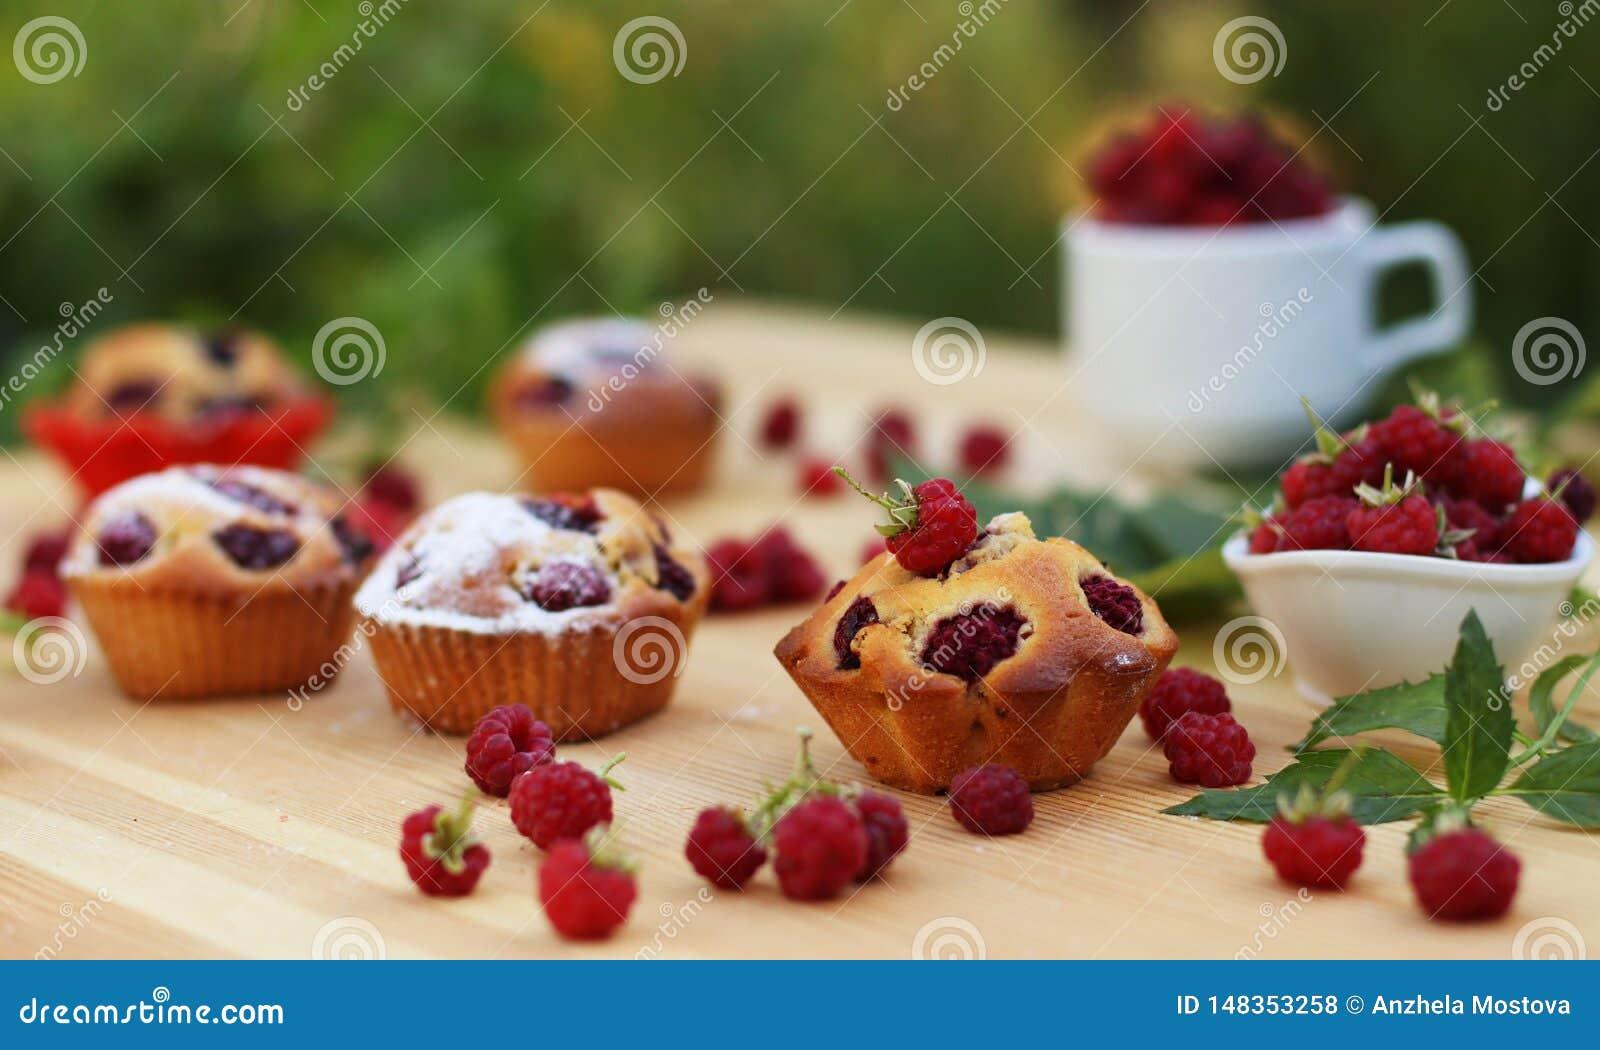 Os queques com framboesas s?o ficados situados em uma tabela de madeira no fundo de arbustos verdes